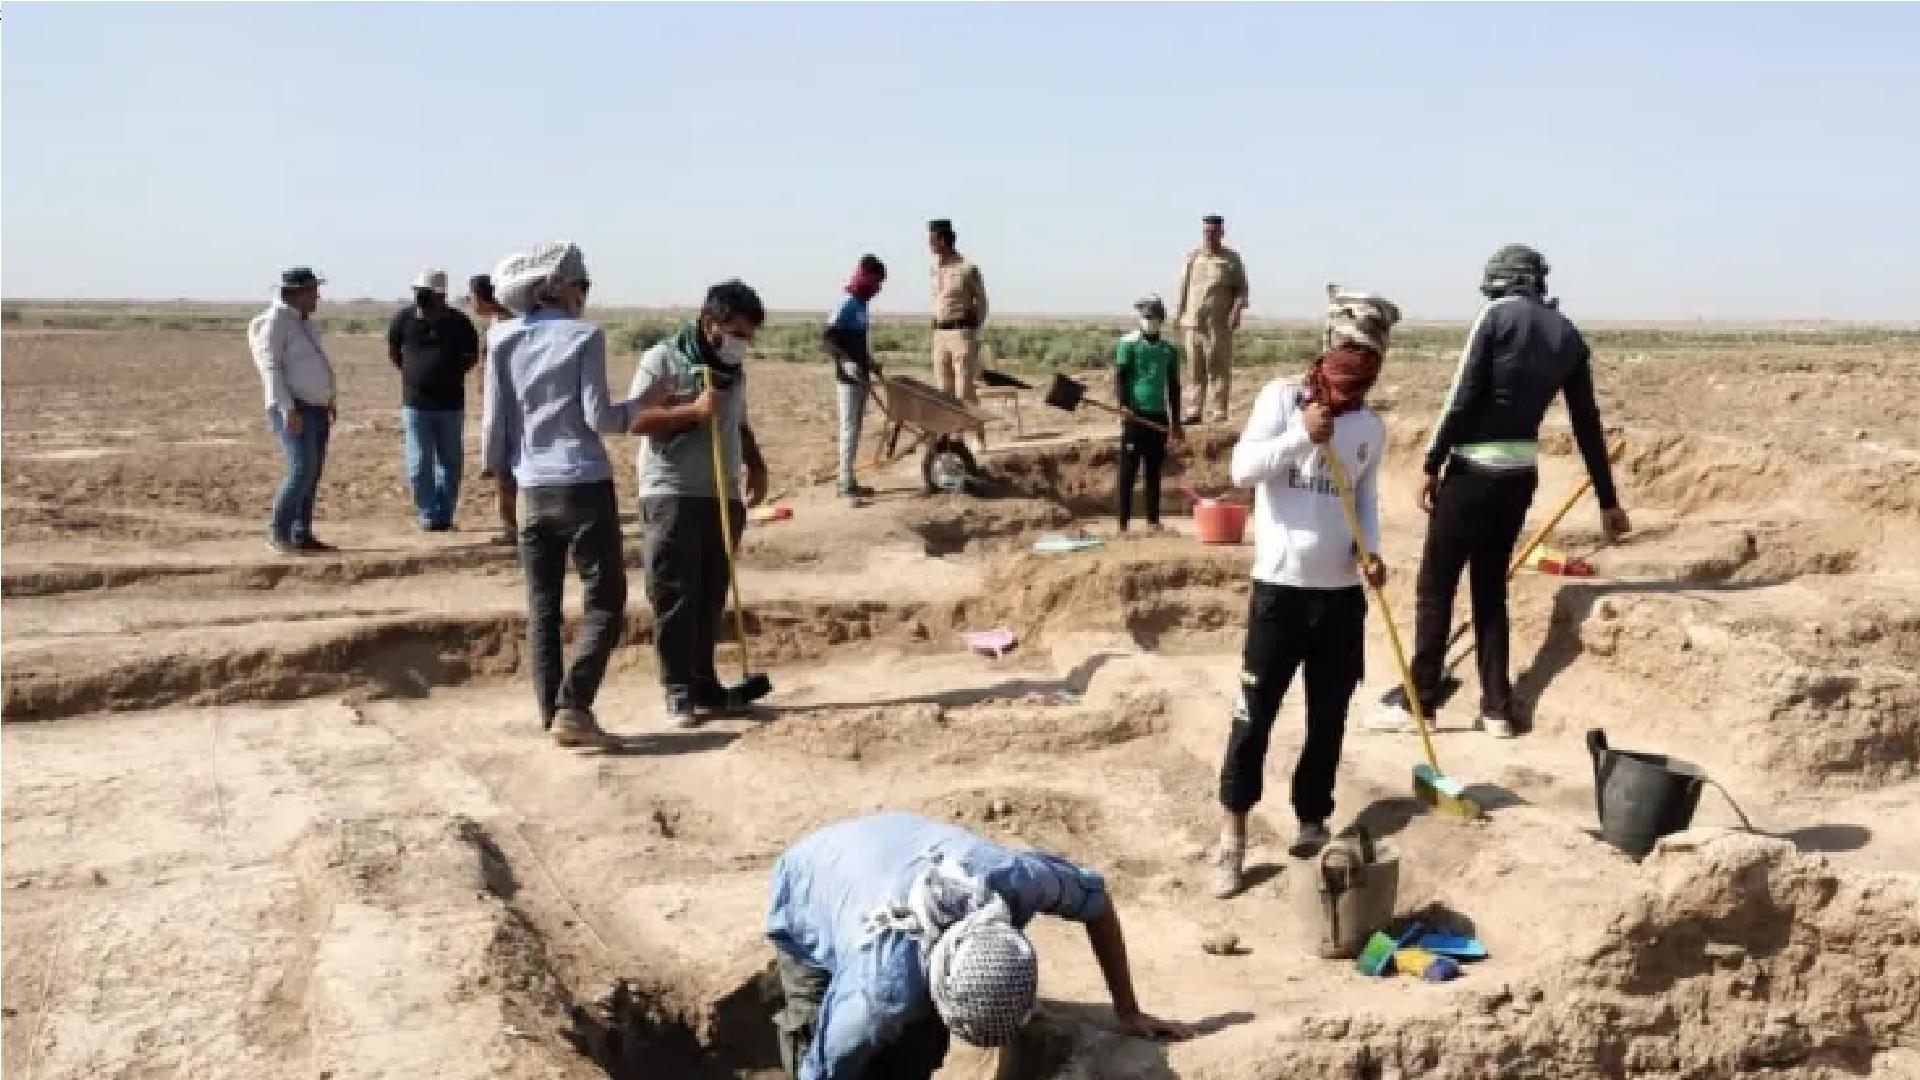 اكتشاف أكثر من 500 قطعة أثرية للعصر البابلي الحديث غربي الكوت